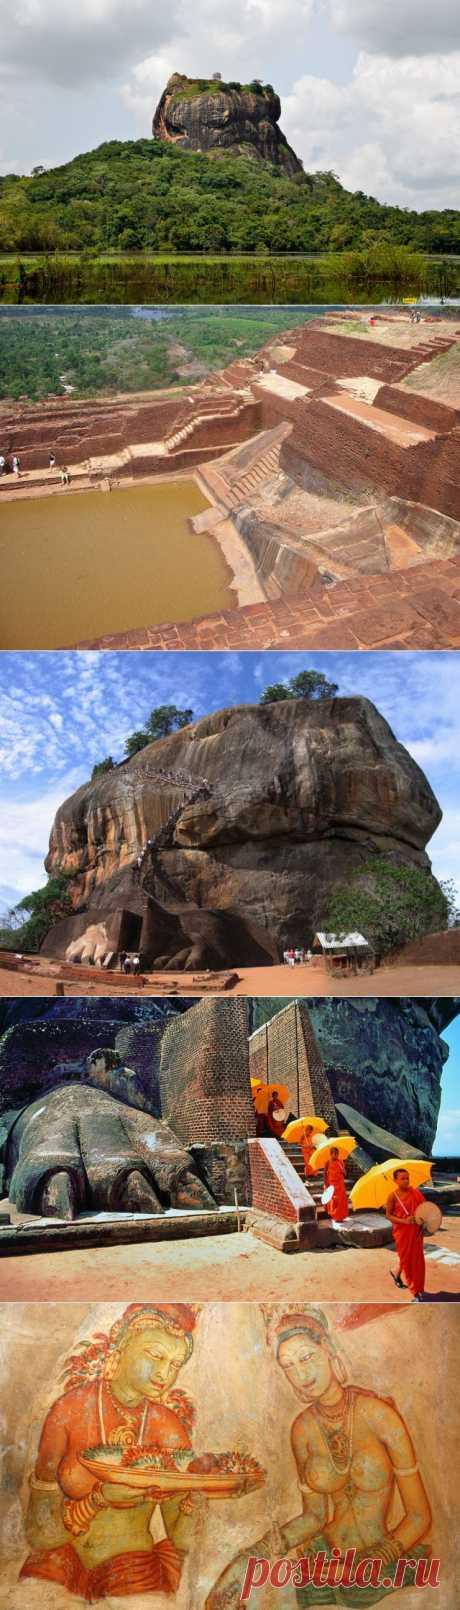 Львиная скала, или скала Сигирия. Шри-Ланка.